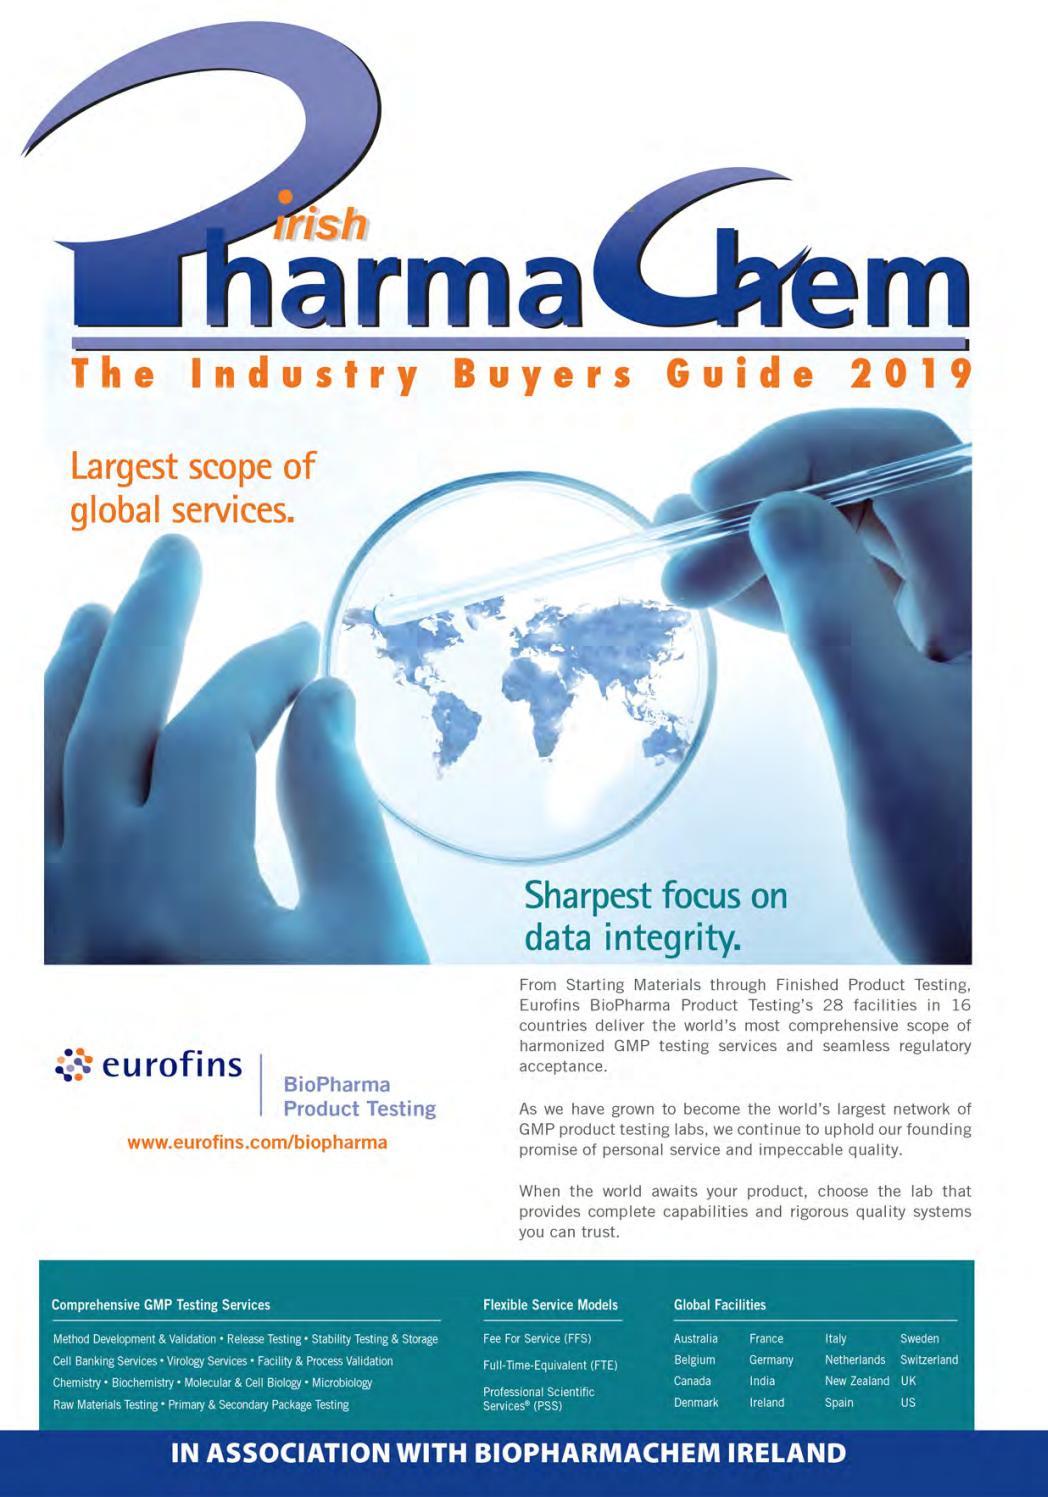 Irish PharmaChem Yearbook 2019 by Retail News - issuu